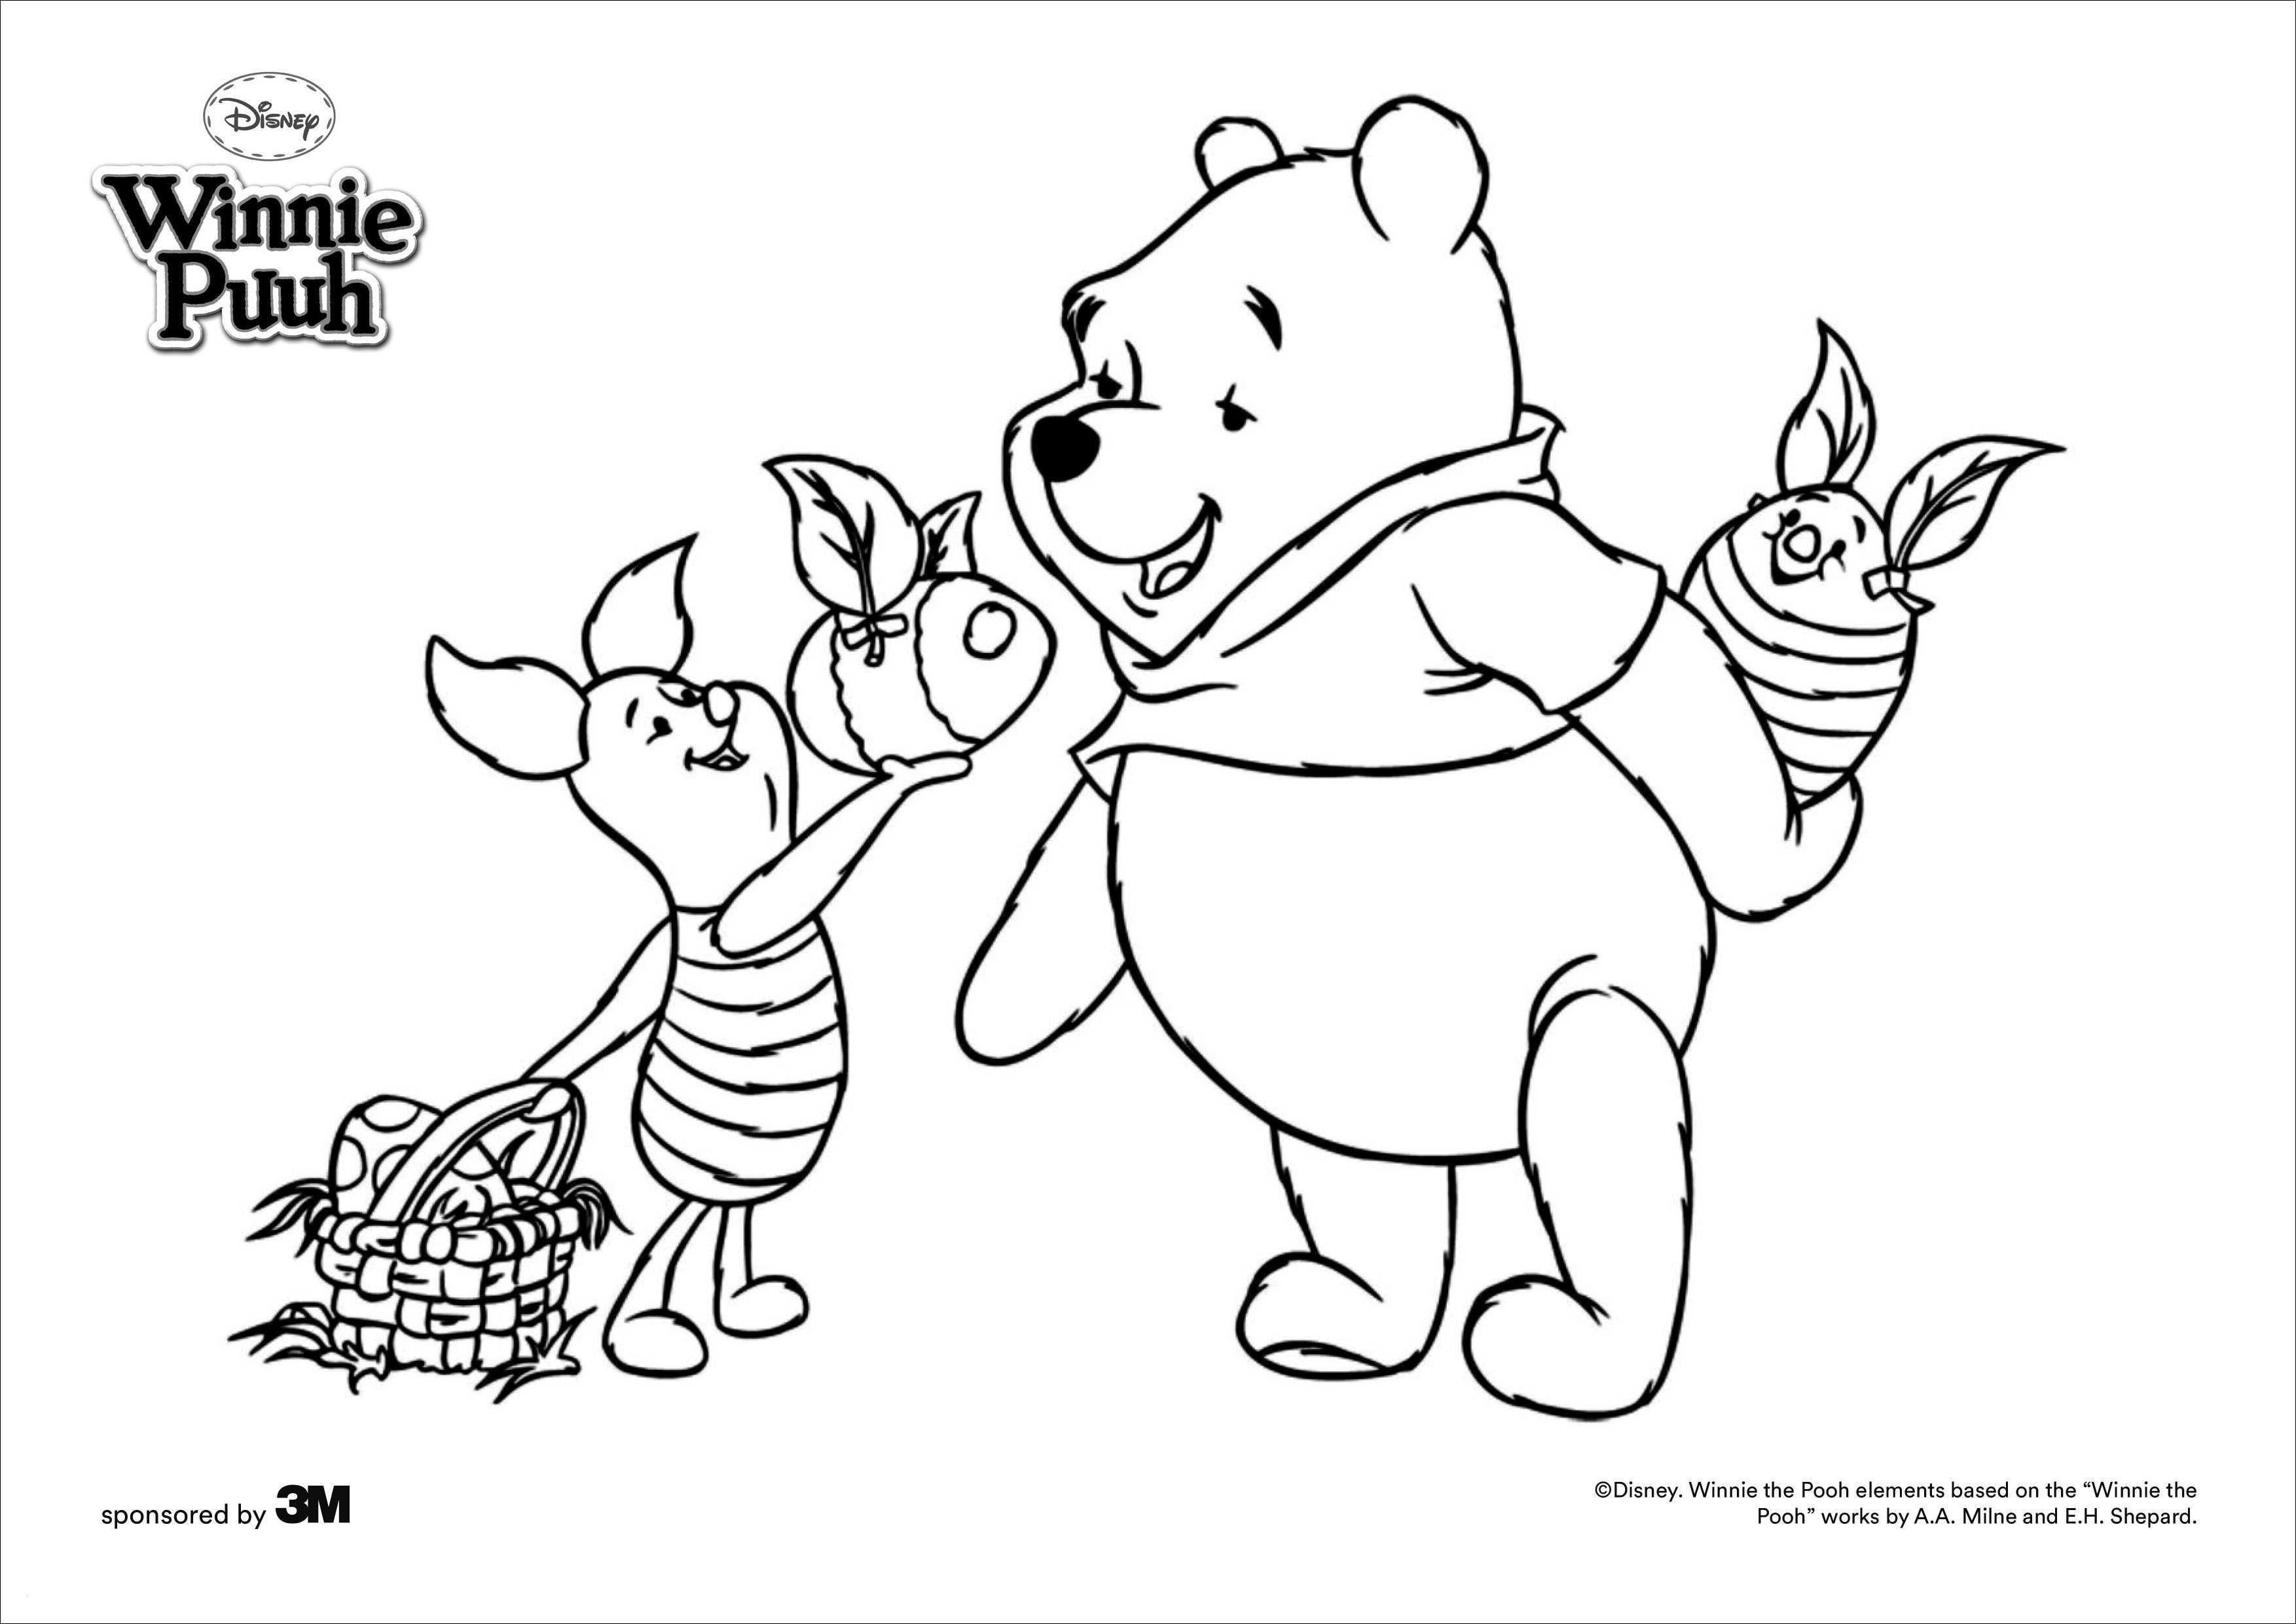 Winni Pooh Ausmalbilder Inspirierend Winnie Pooh Malvorlagen Wand Abbild Tigger Winnie Pooh Malvorlagen Bild